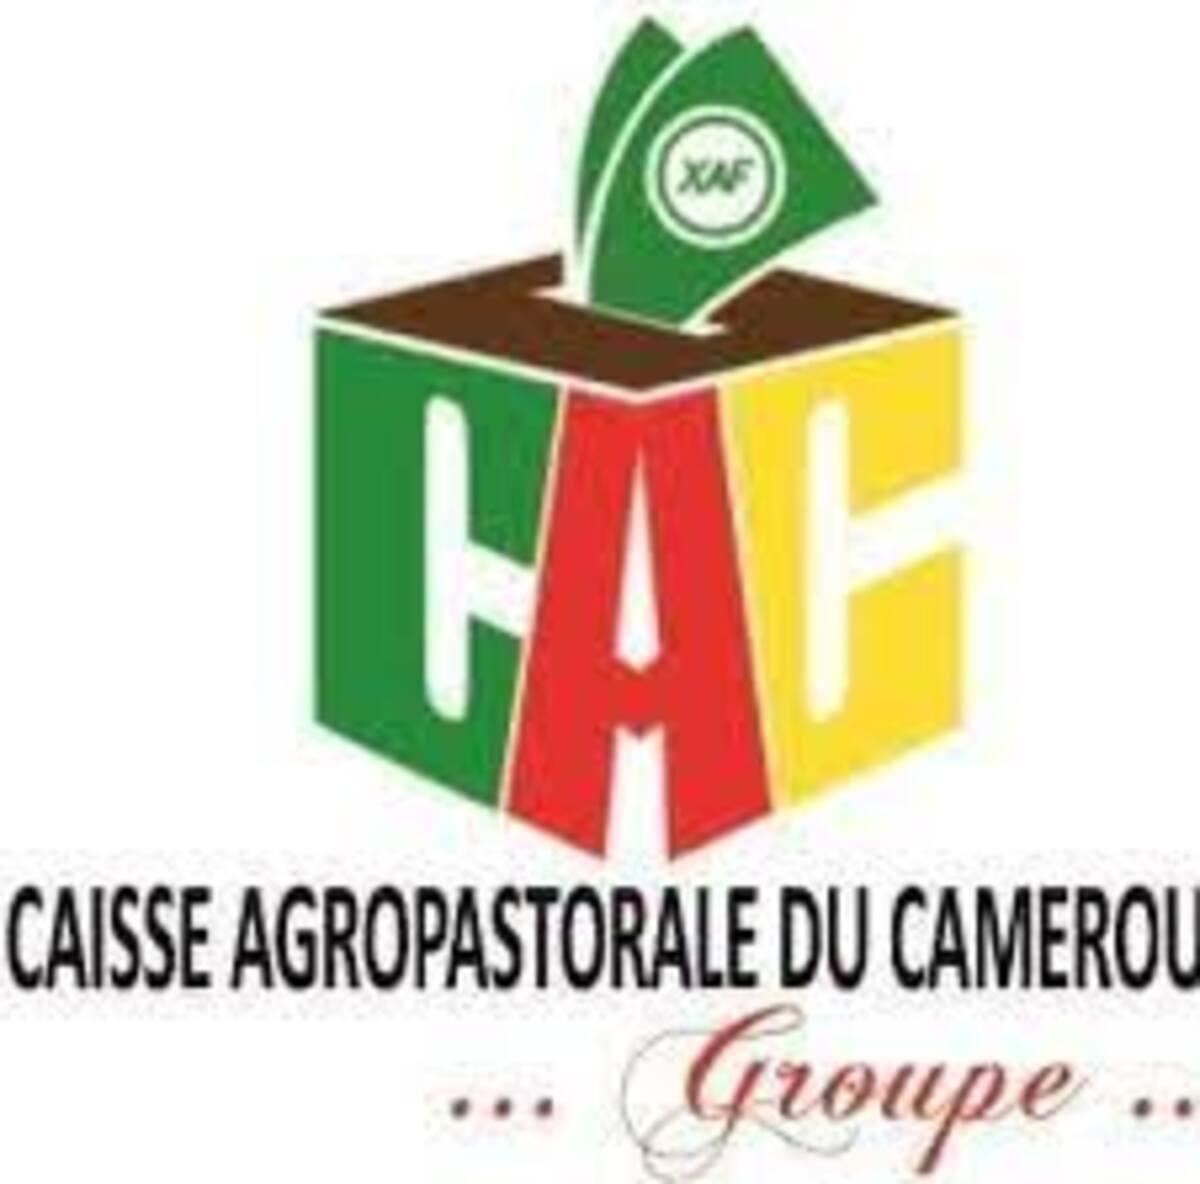 Appel à l'enrôlement à la Campagne 1 000 000 de membres actifs aux activités agropastorales au Cameroun de la CAC Groupe